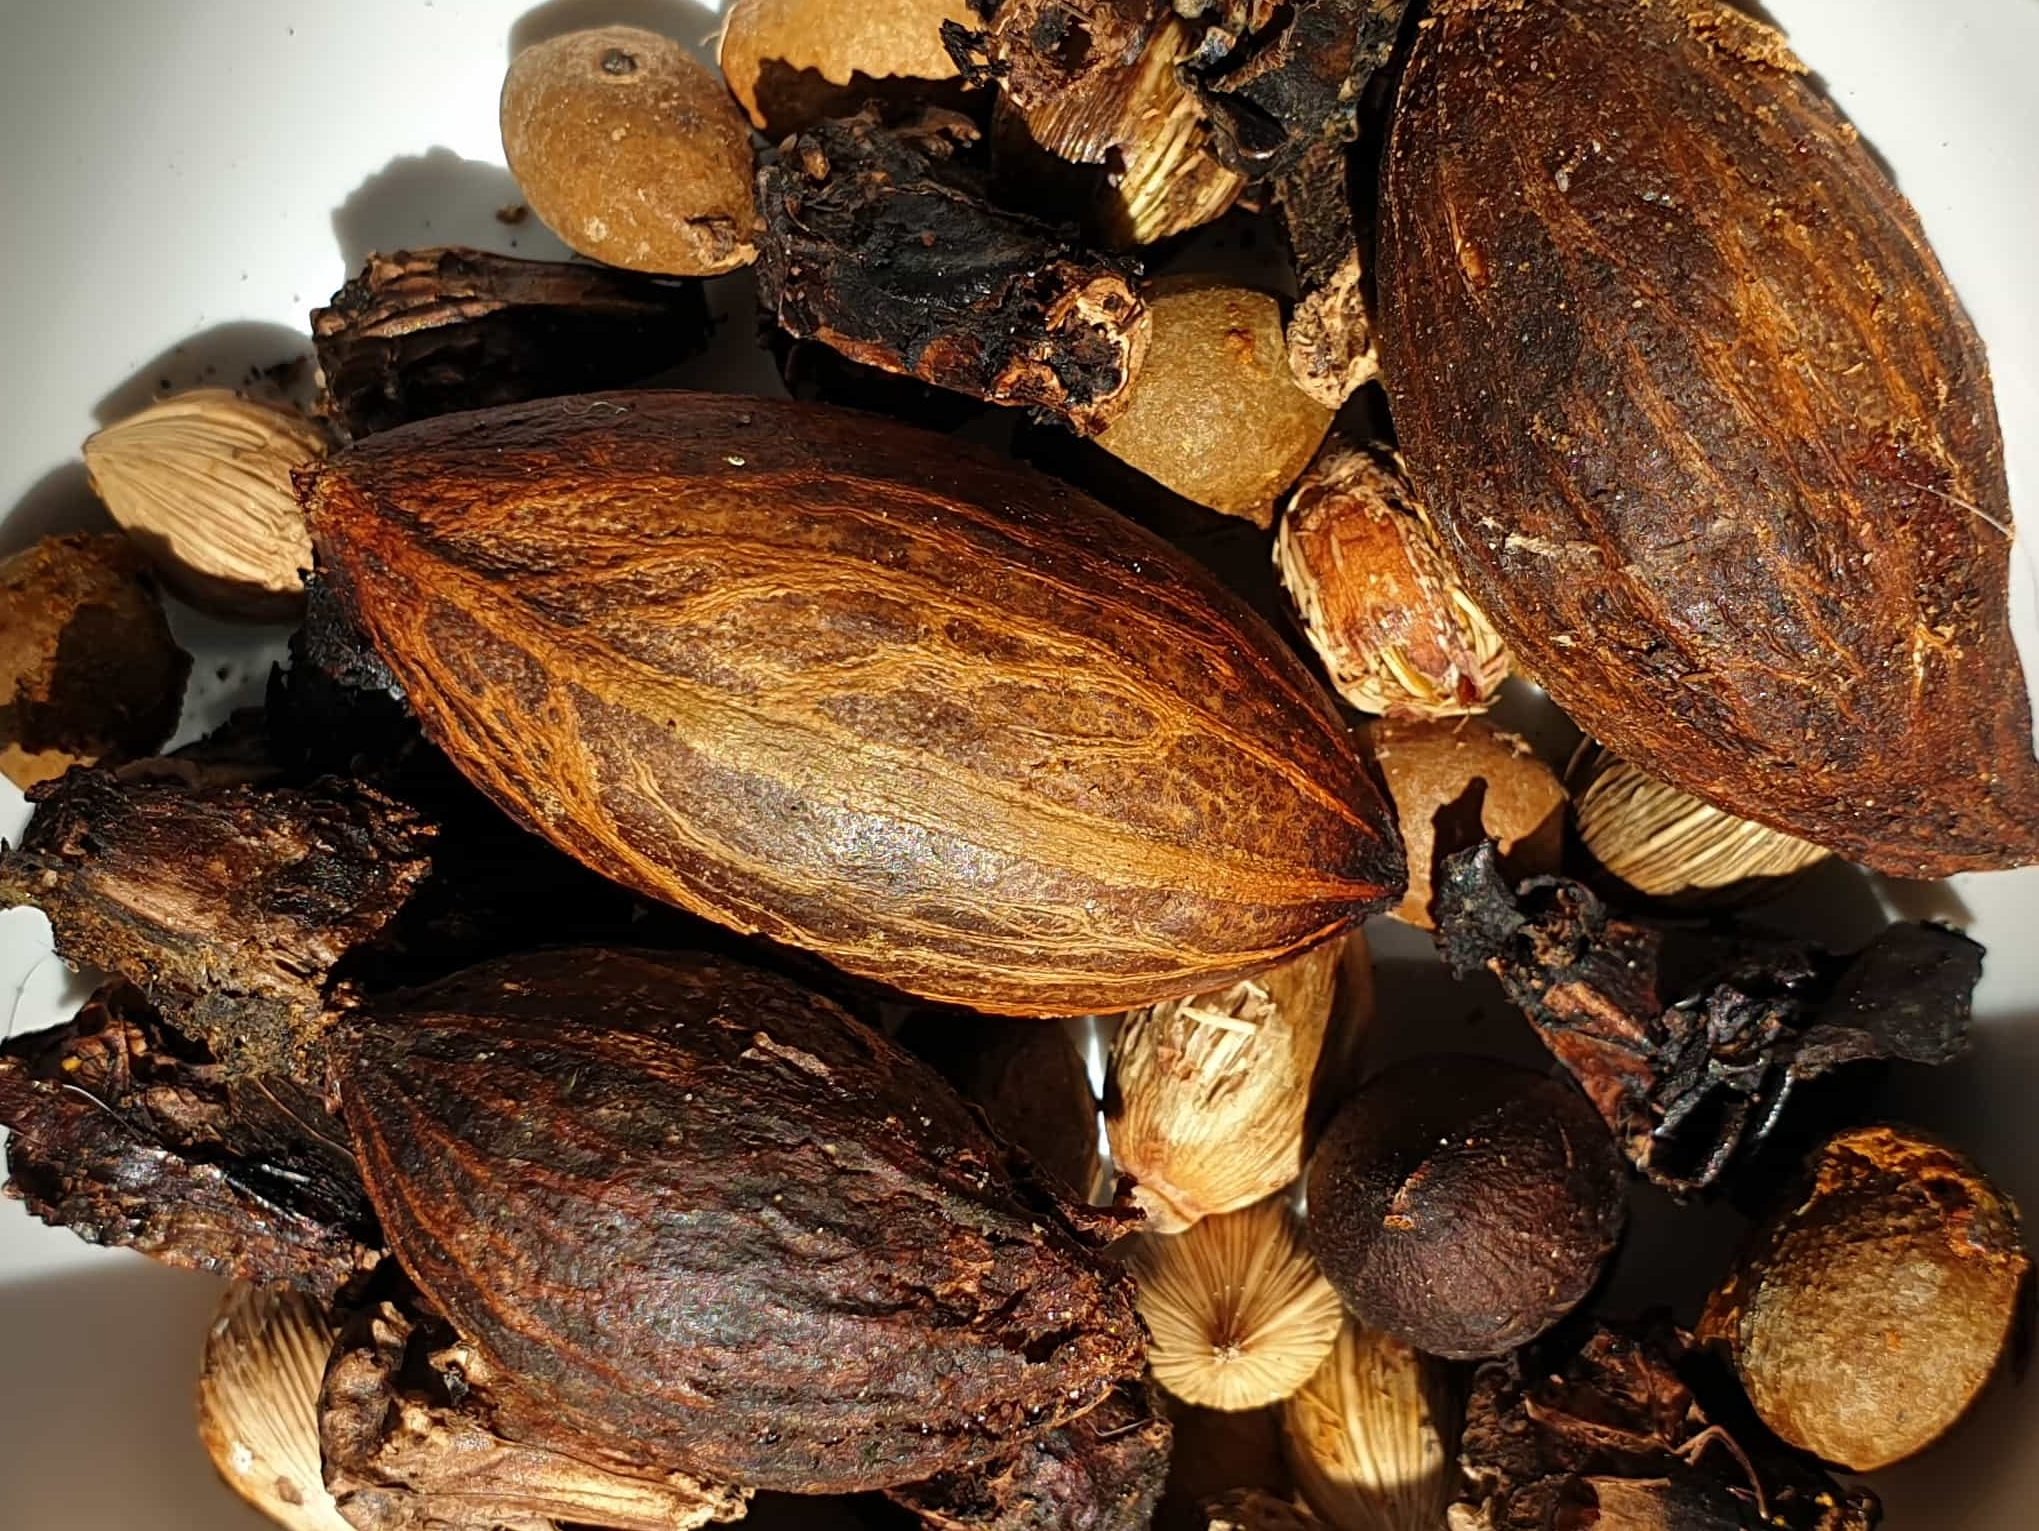 Kereru Poo Seeds